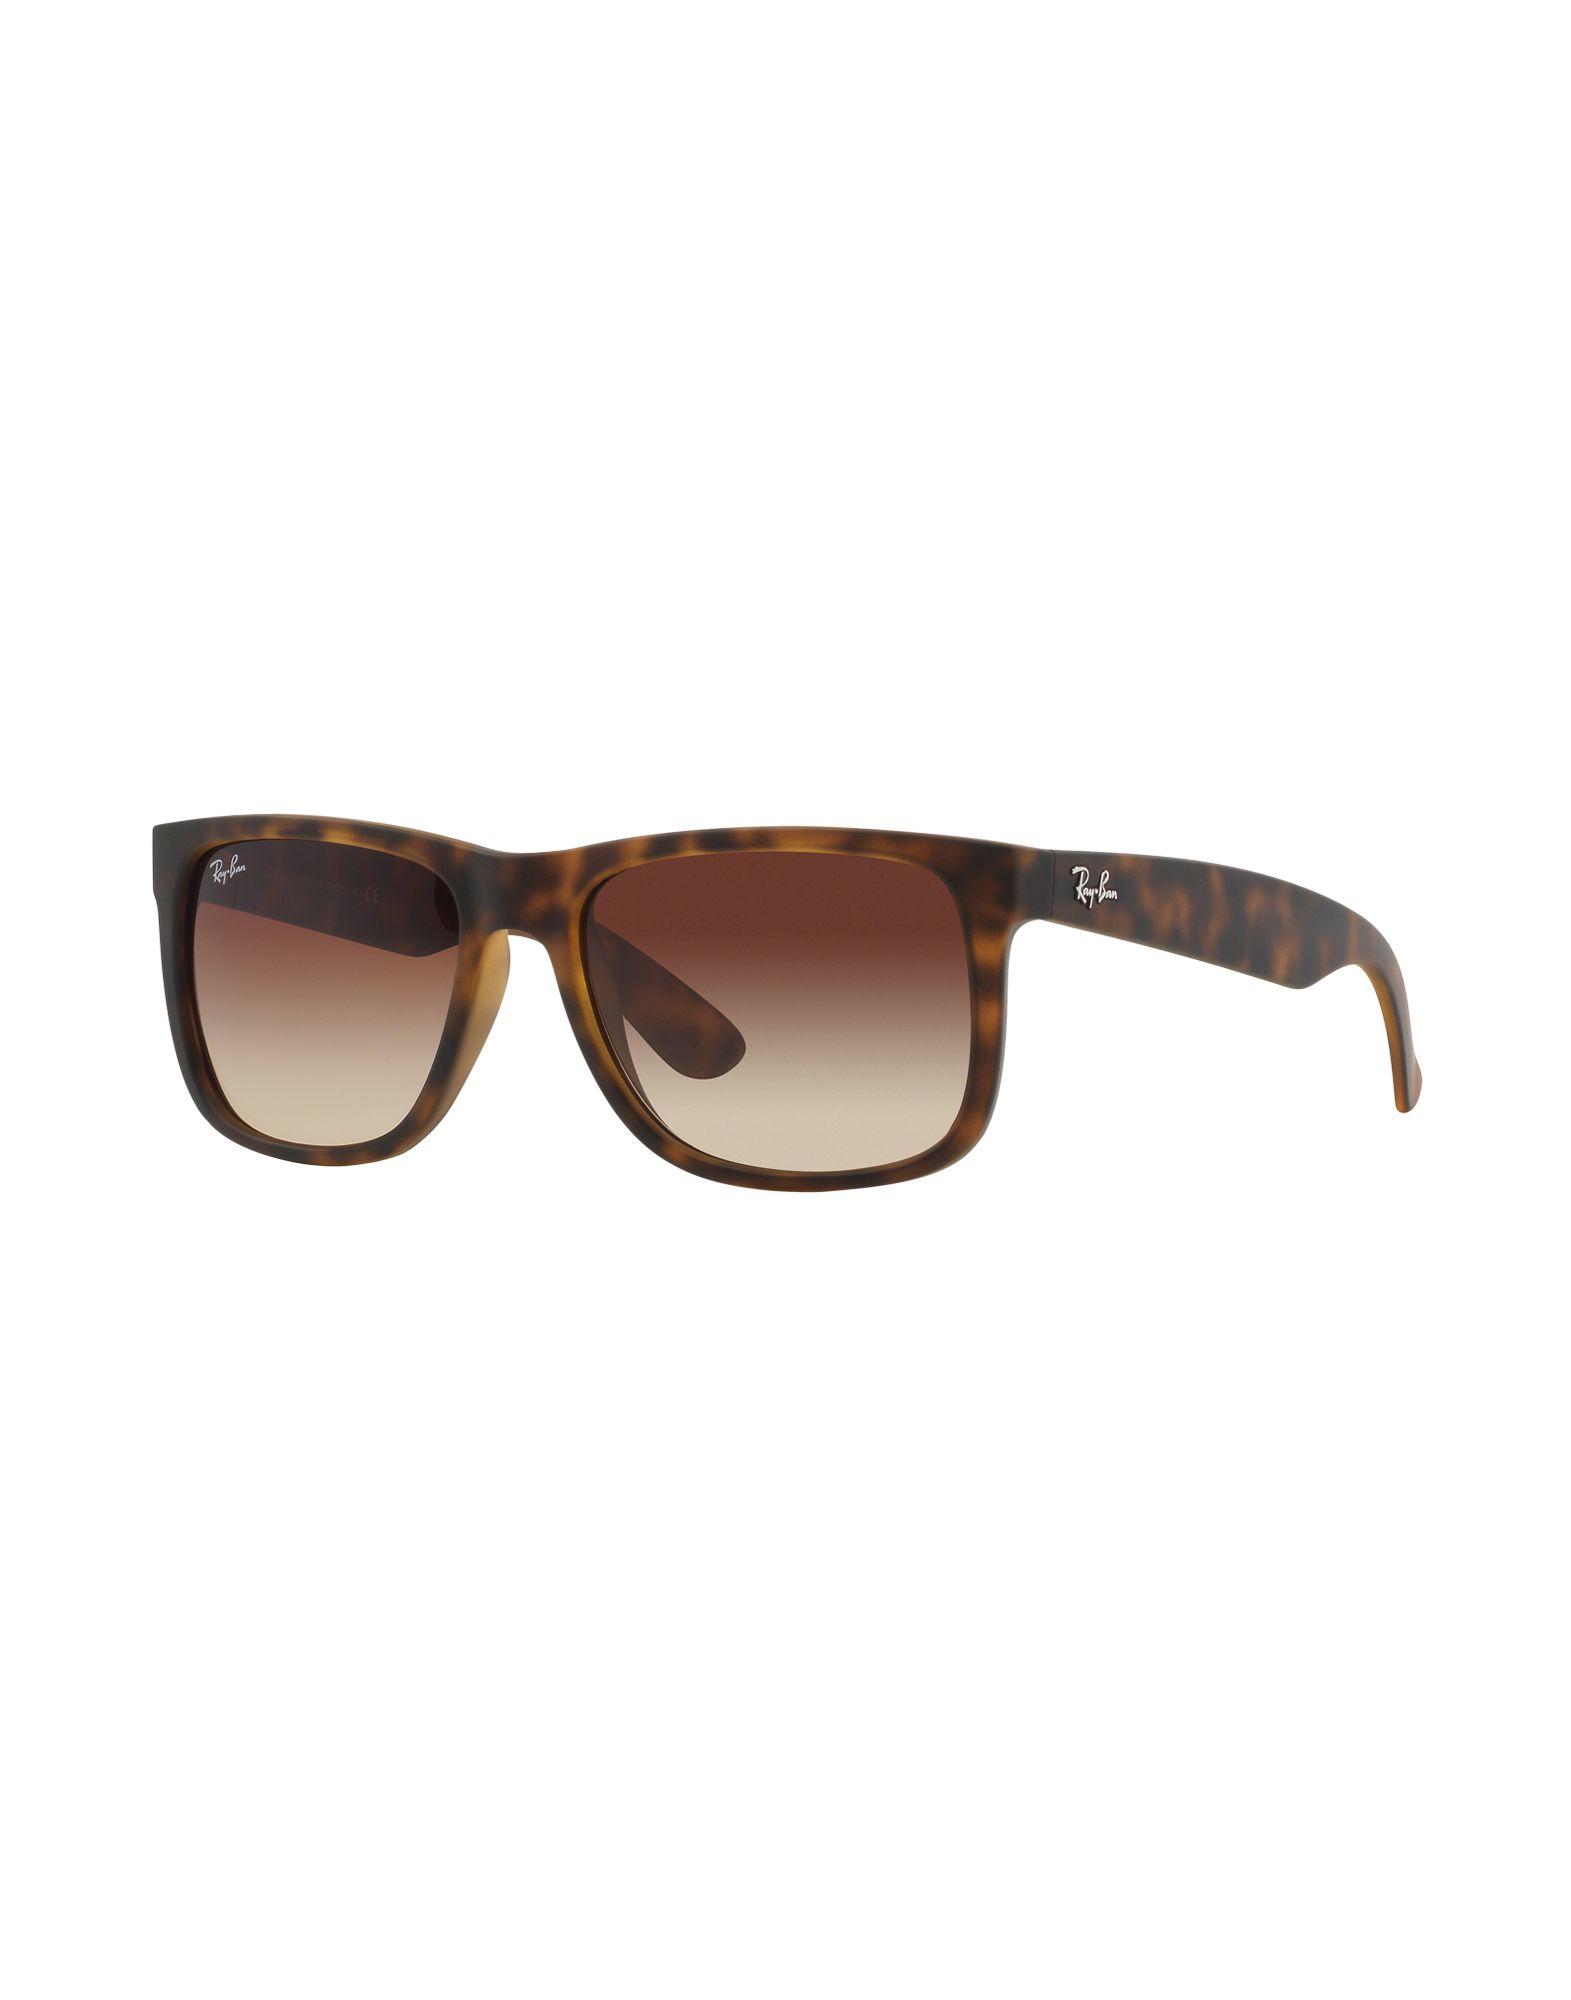 e9752ea715 Mens Brown Ray Ban Sunglasses « Heritage Malta